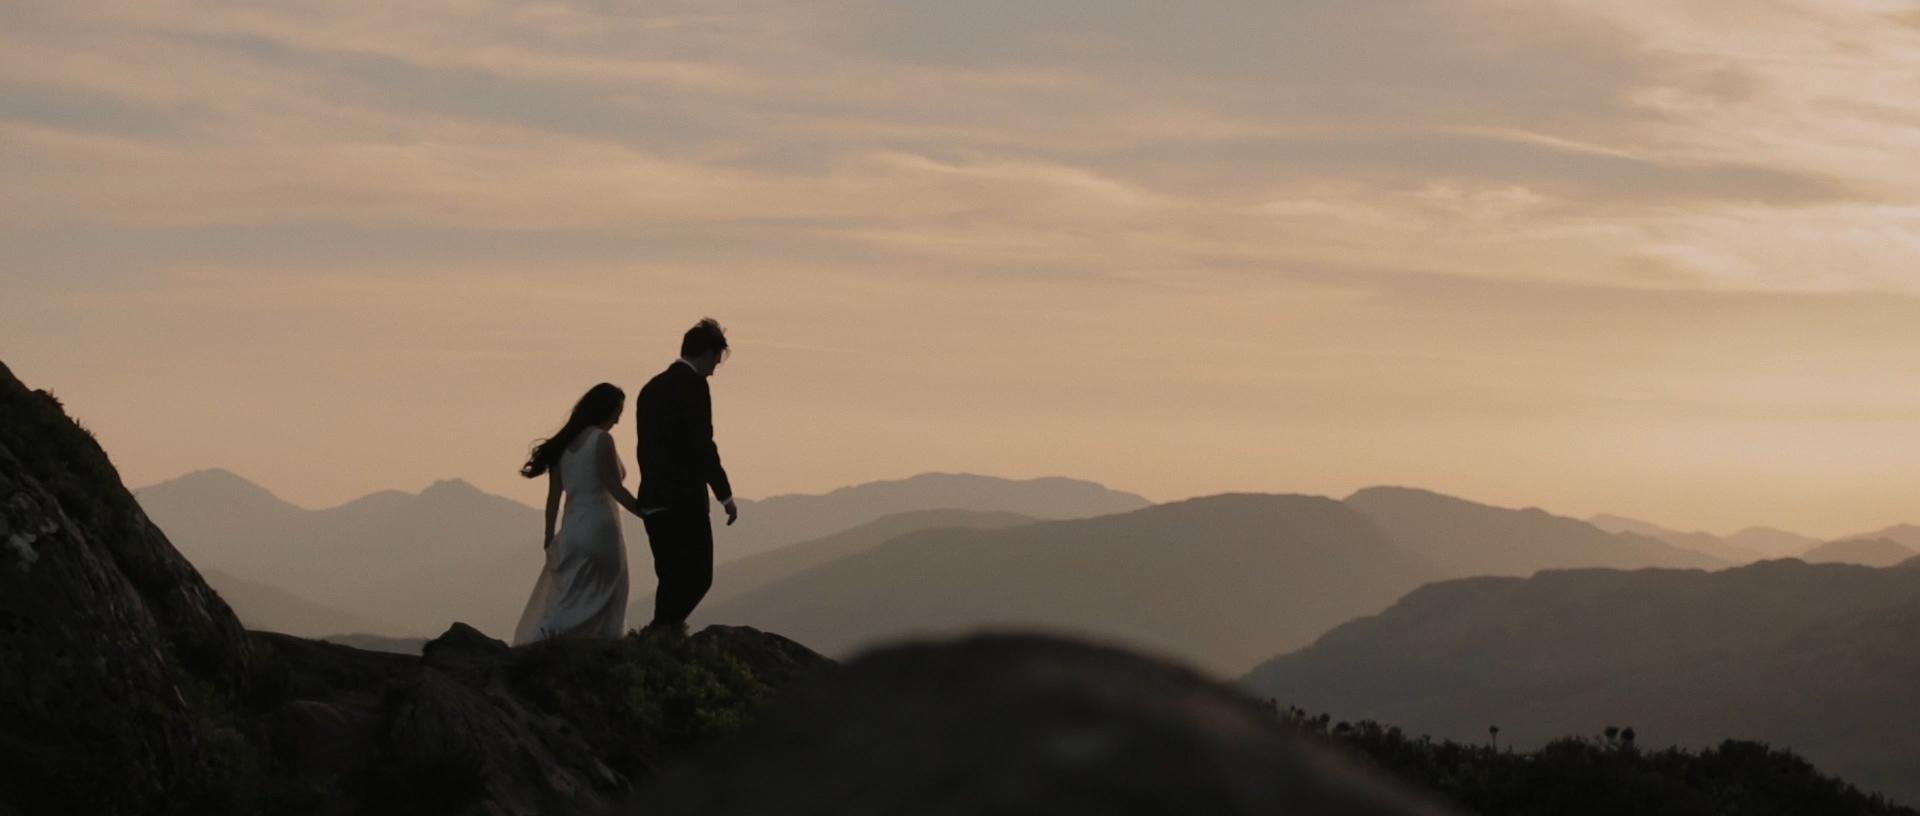 baad-wedding-videographer_LL_01.jpg